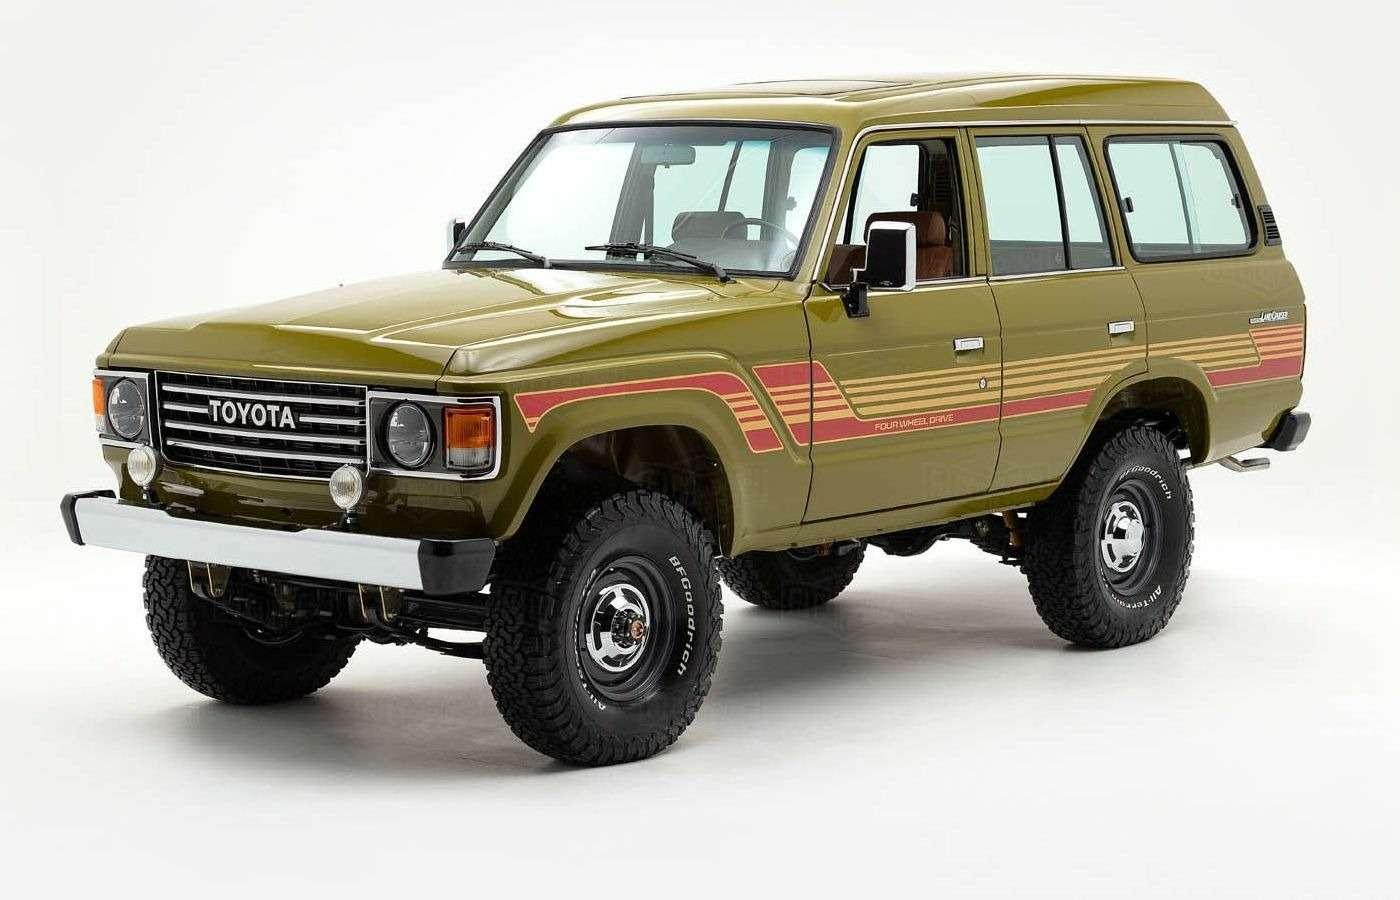 Абсолютно новый Toyota Land Cruiser 1986 года. Да, такое бывает!— фото 877222